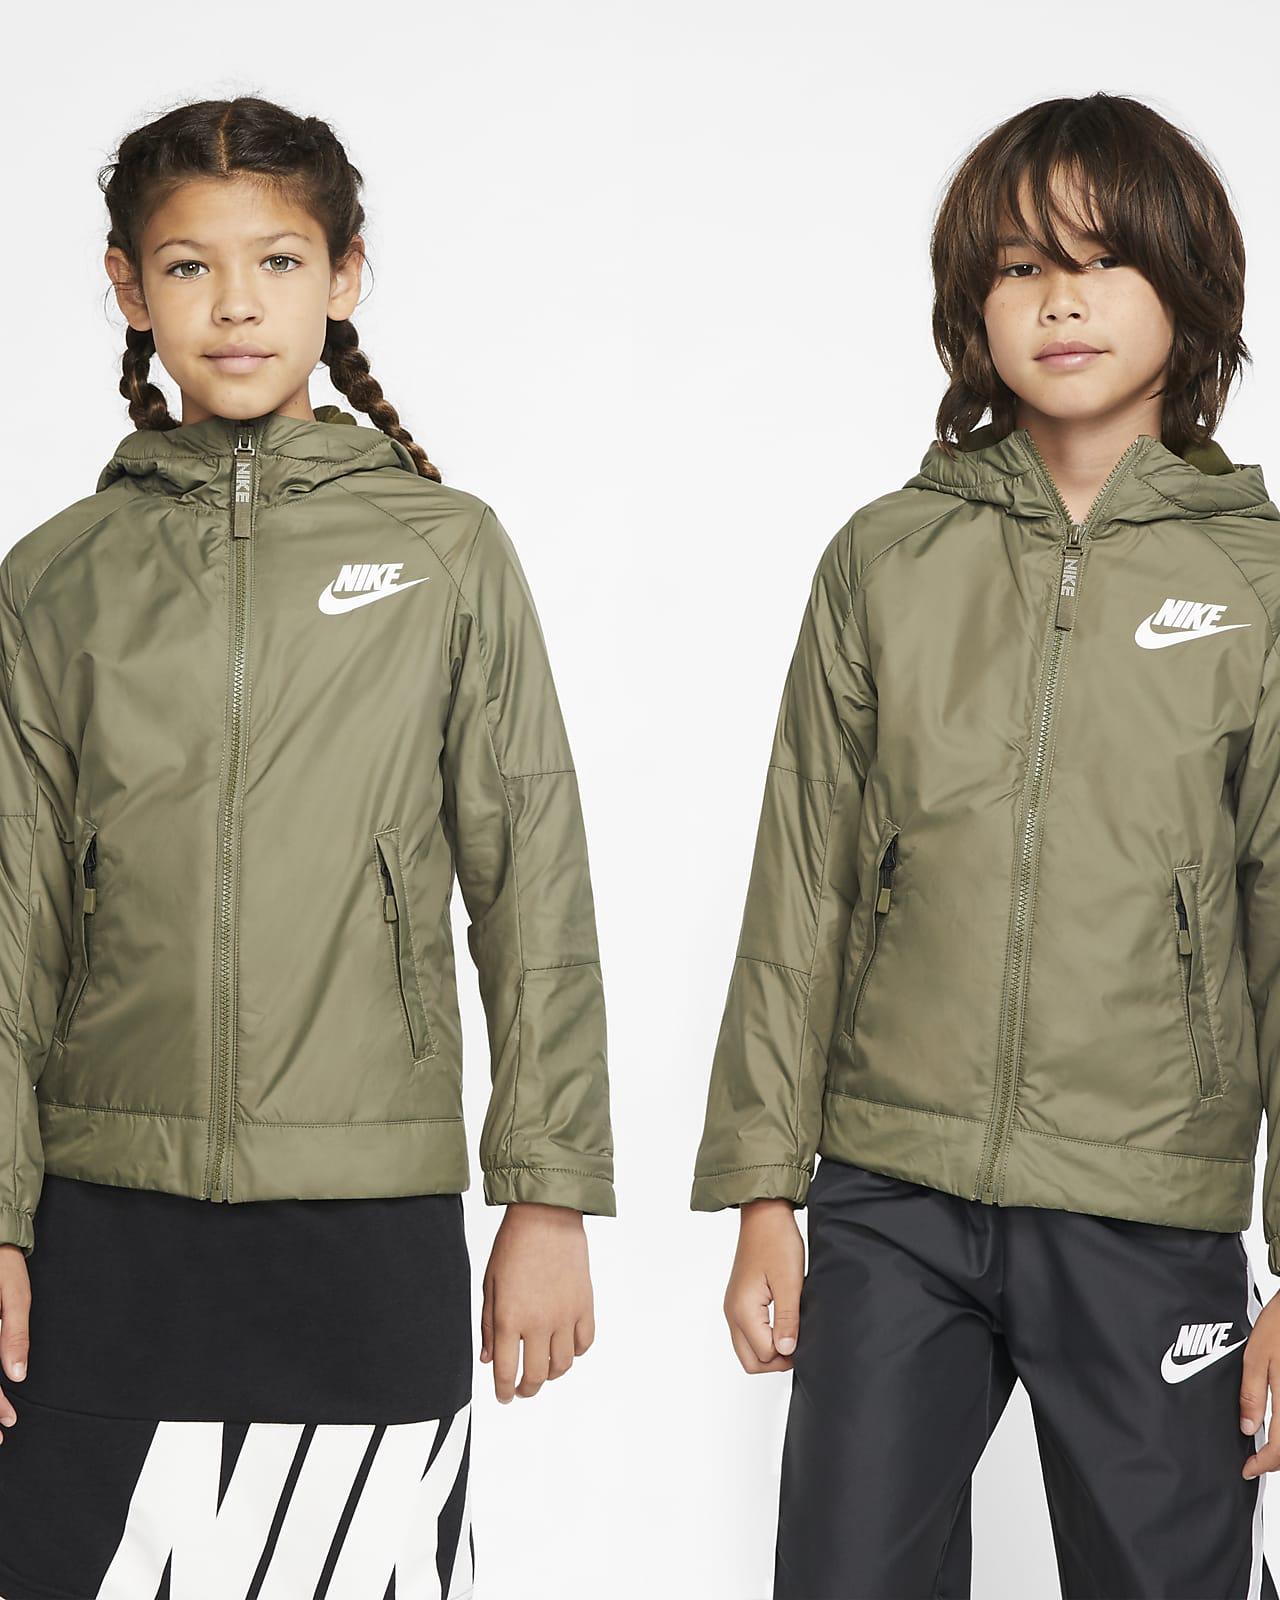 Flísová bunda Nike Sportswear pro větší děti (chlapce)